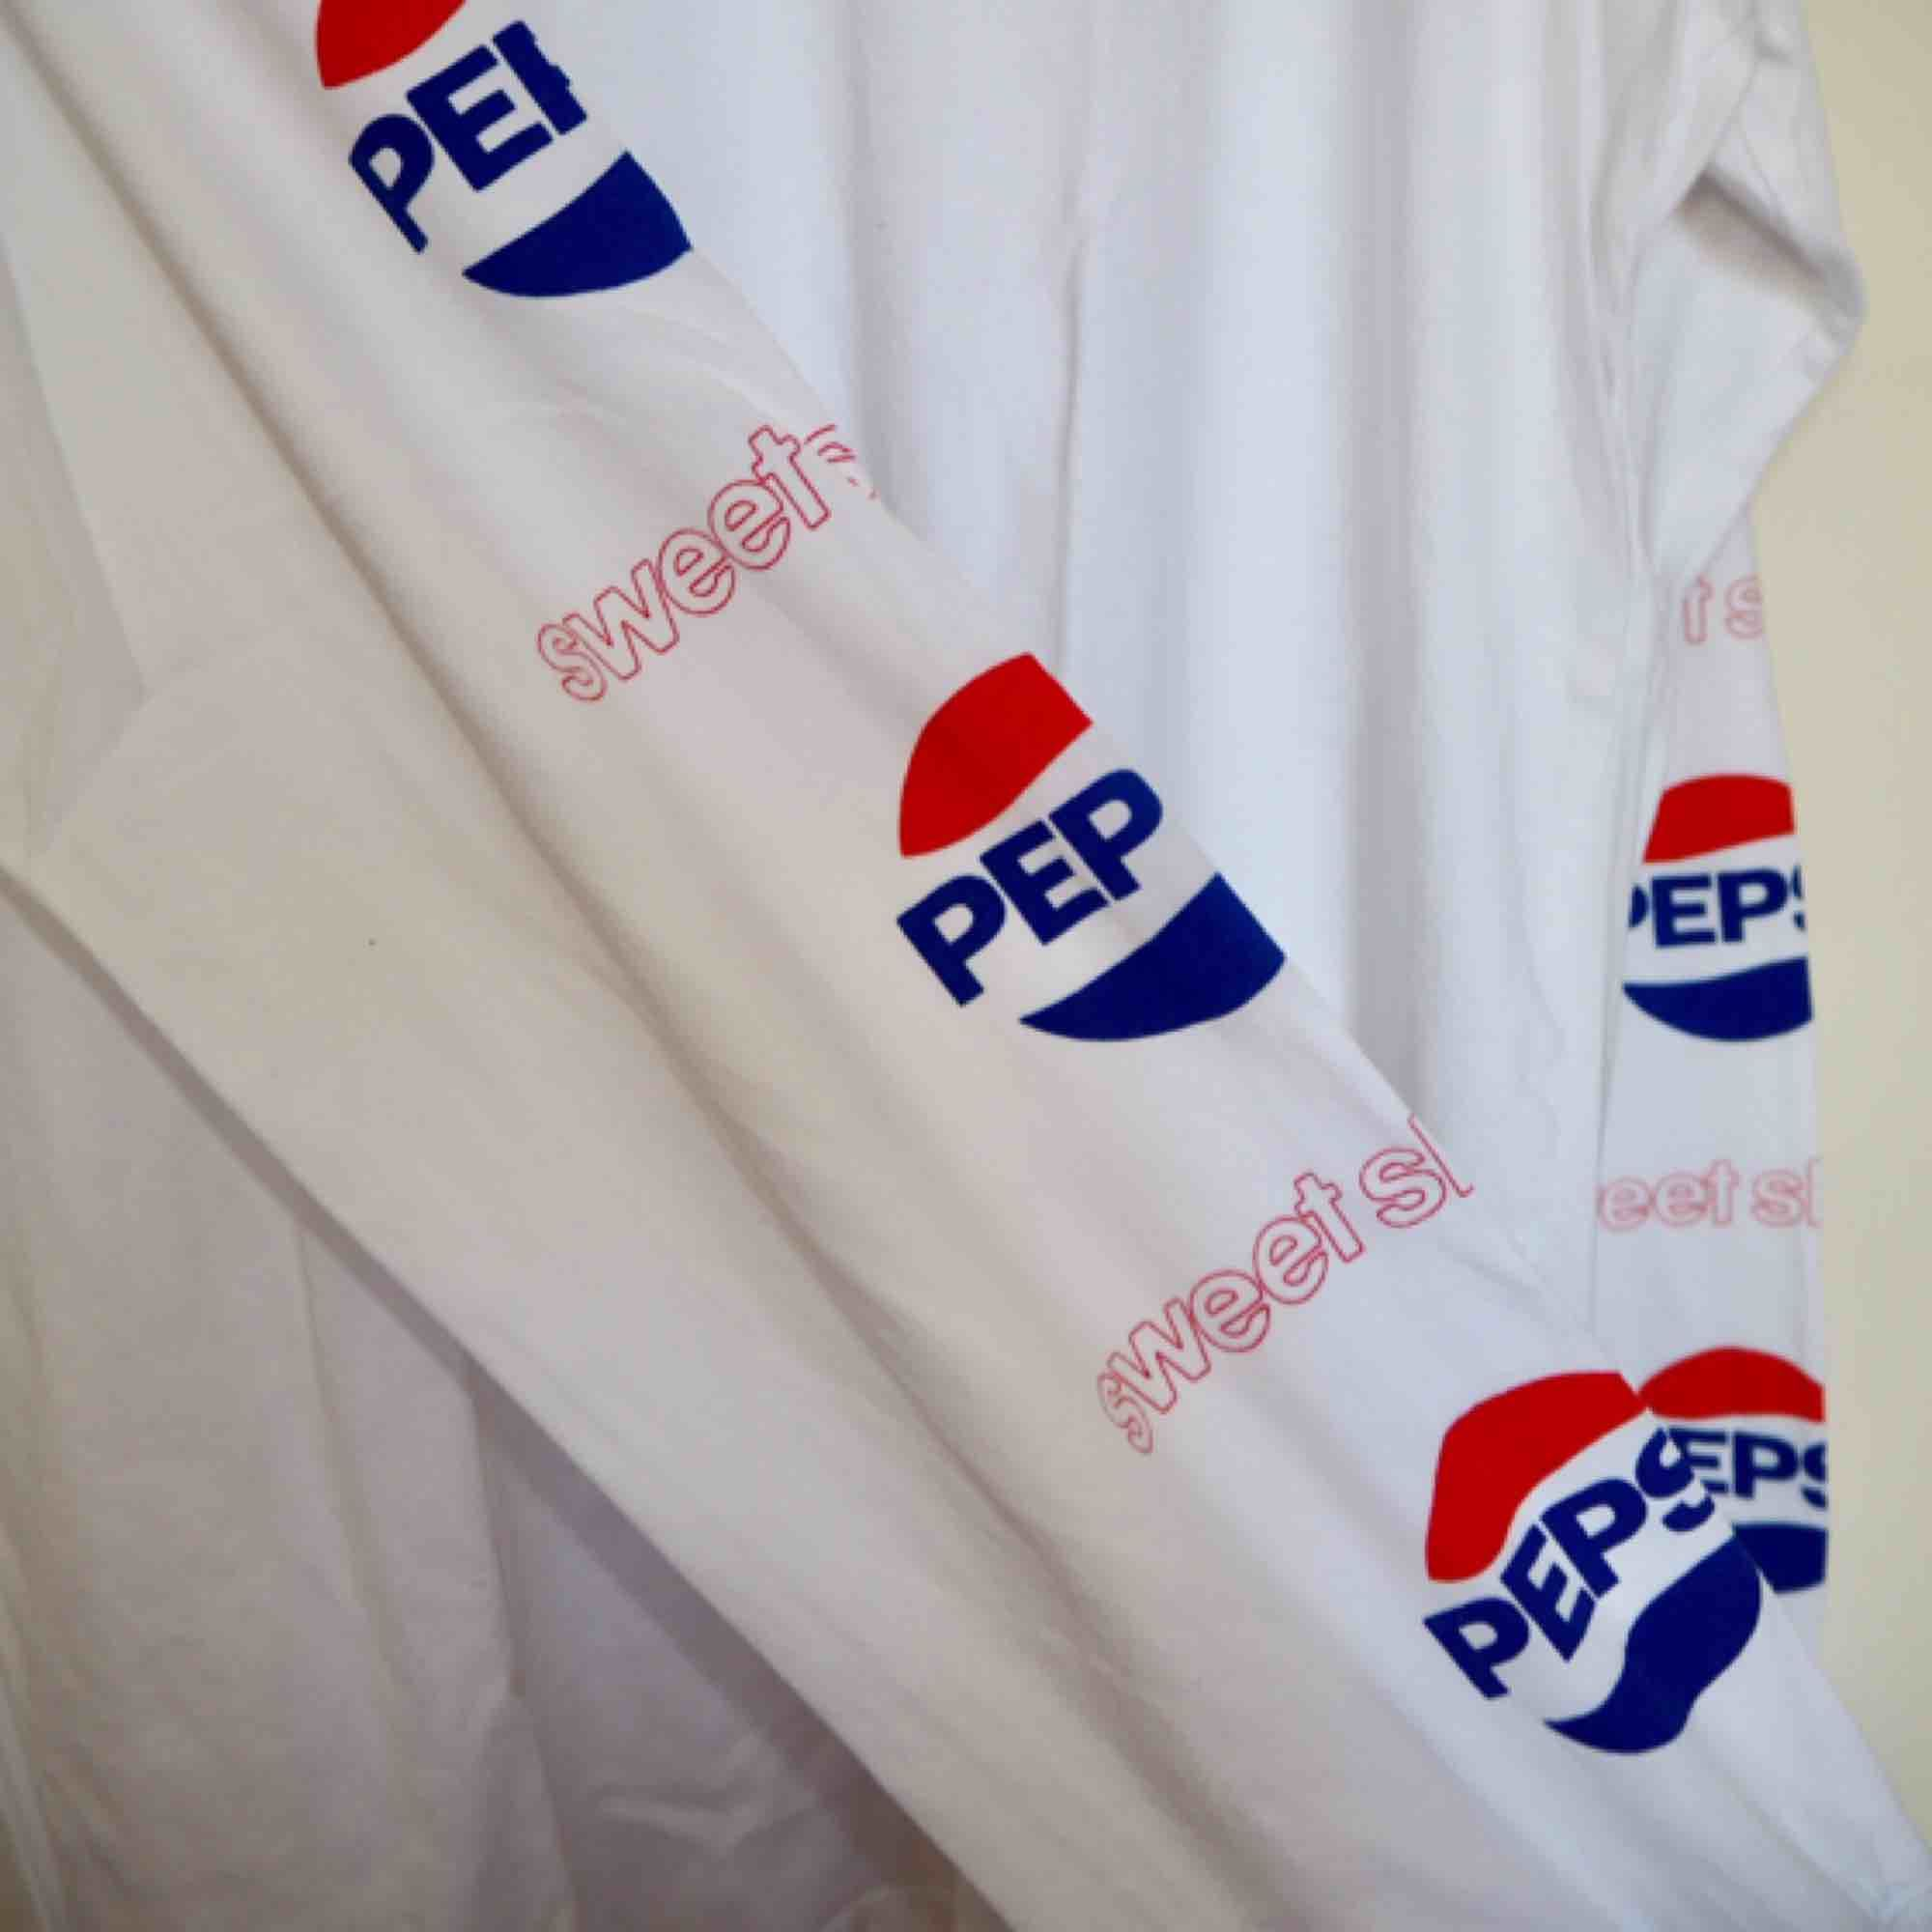 Longsleeve tröja från SweetSktbs🔥 Pepsi collab.  Print på armarna.  Lite frakt tillkommer. . T-shirts.